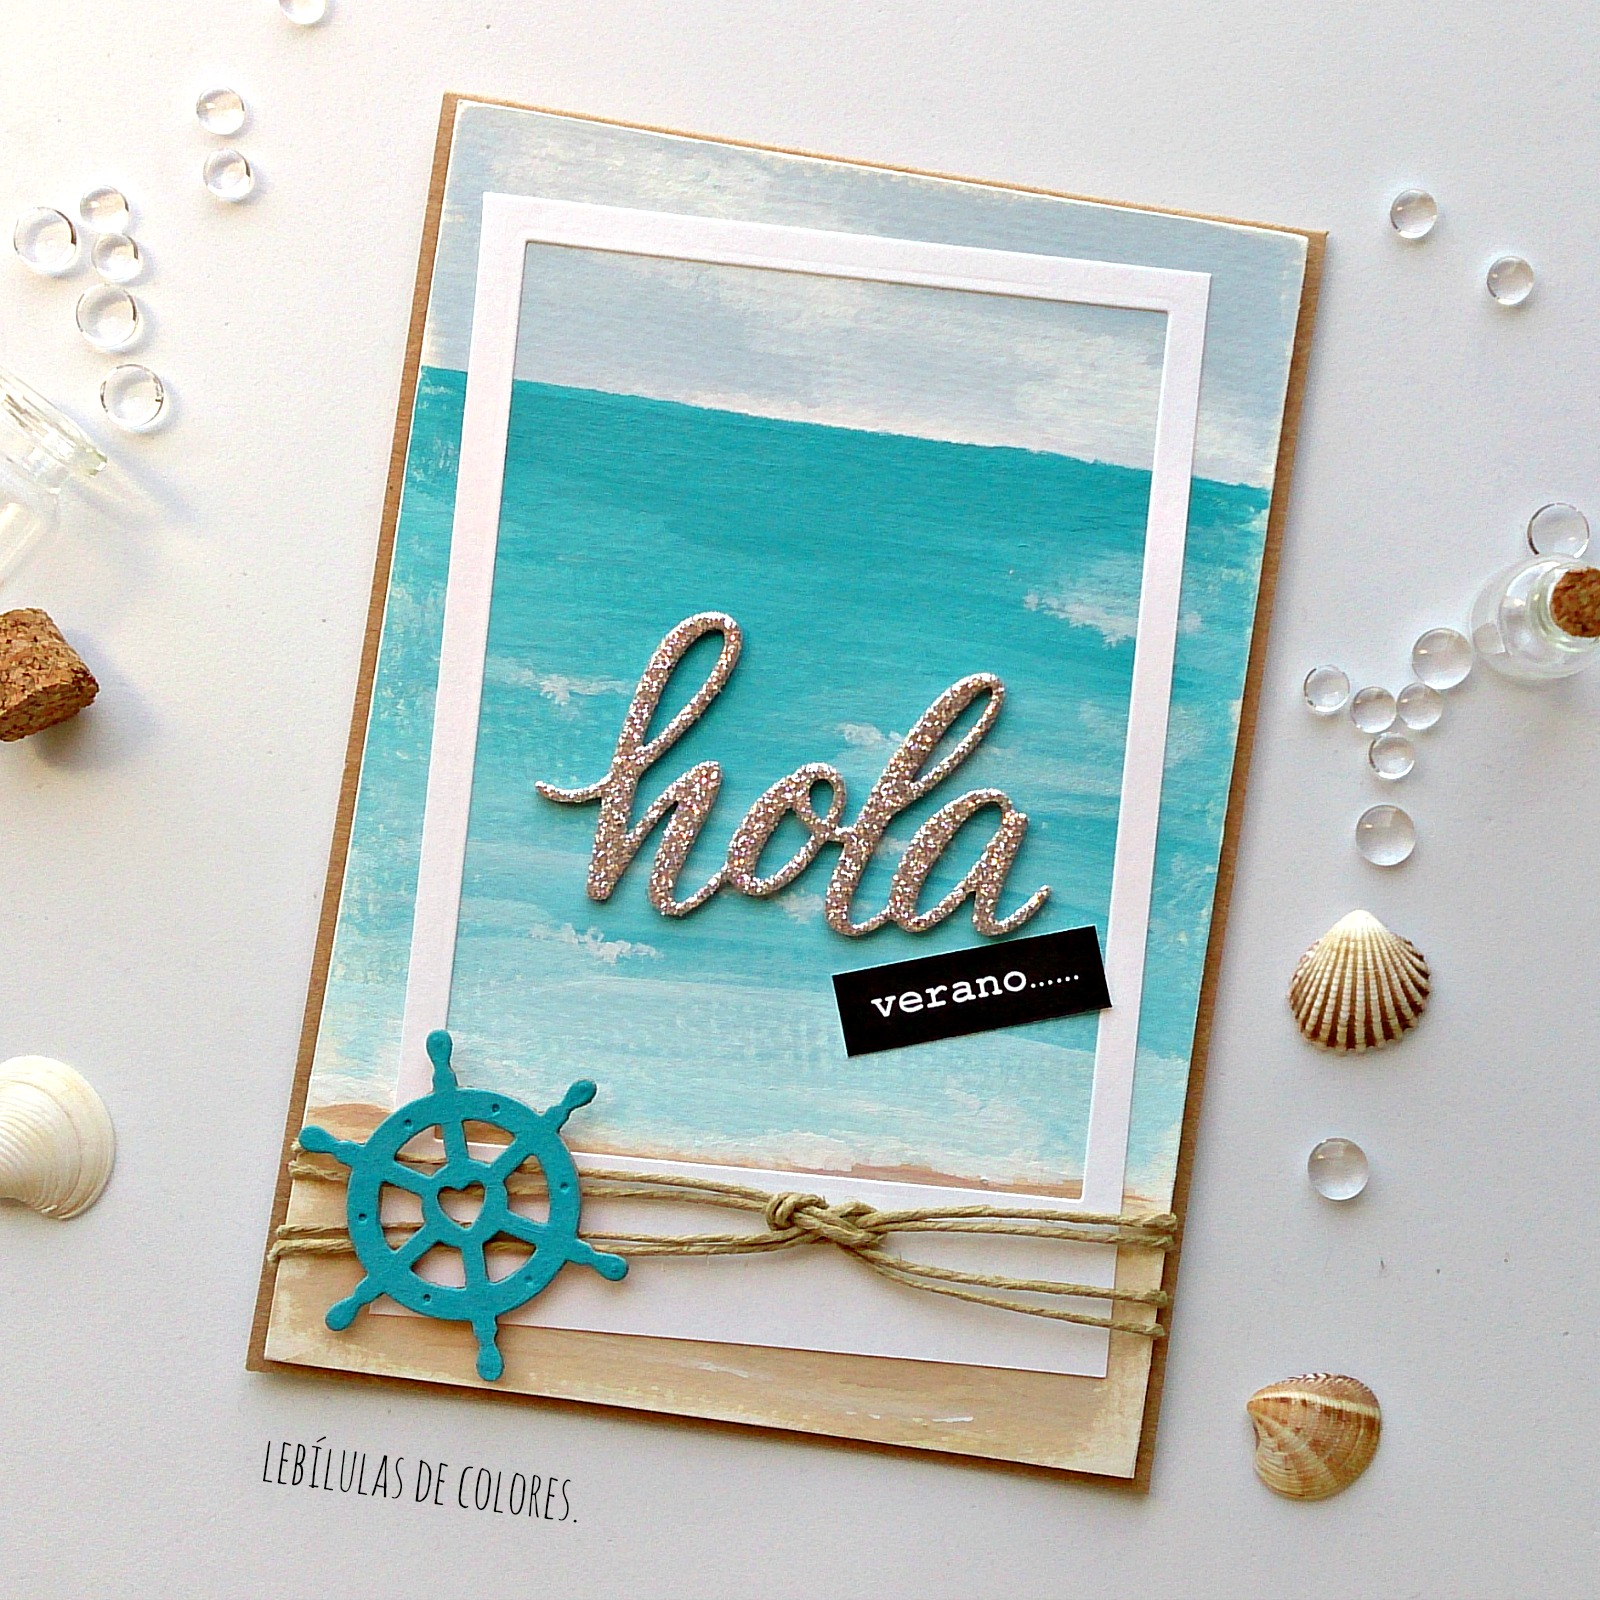 Lebílulas de colores.: Mar y playa con chalk paints.